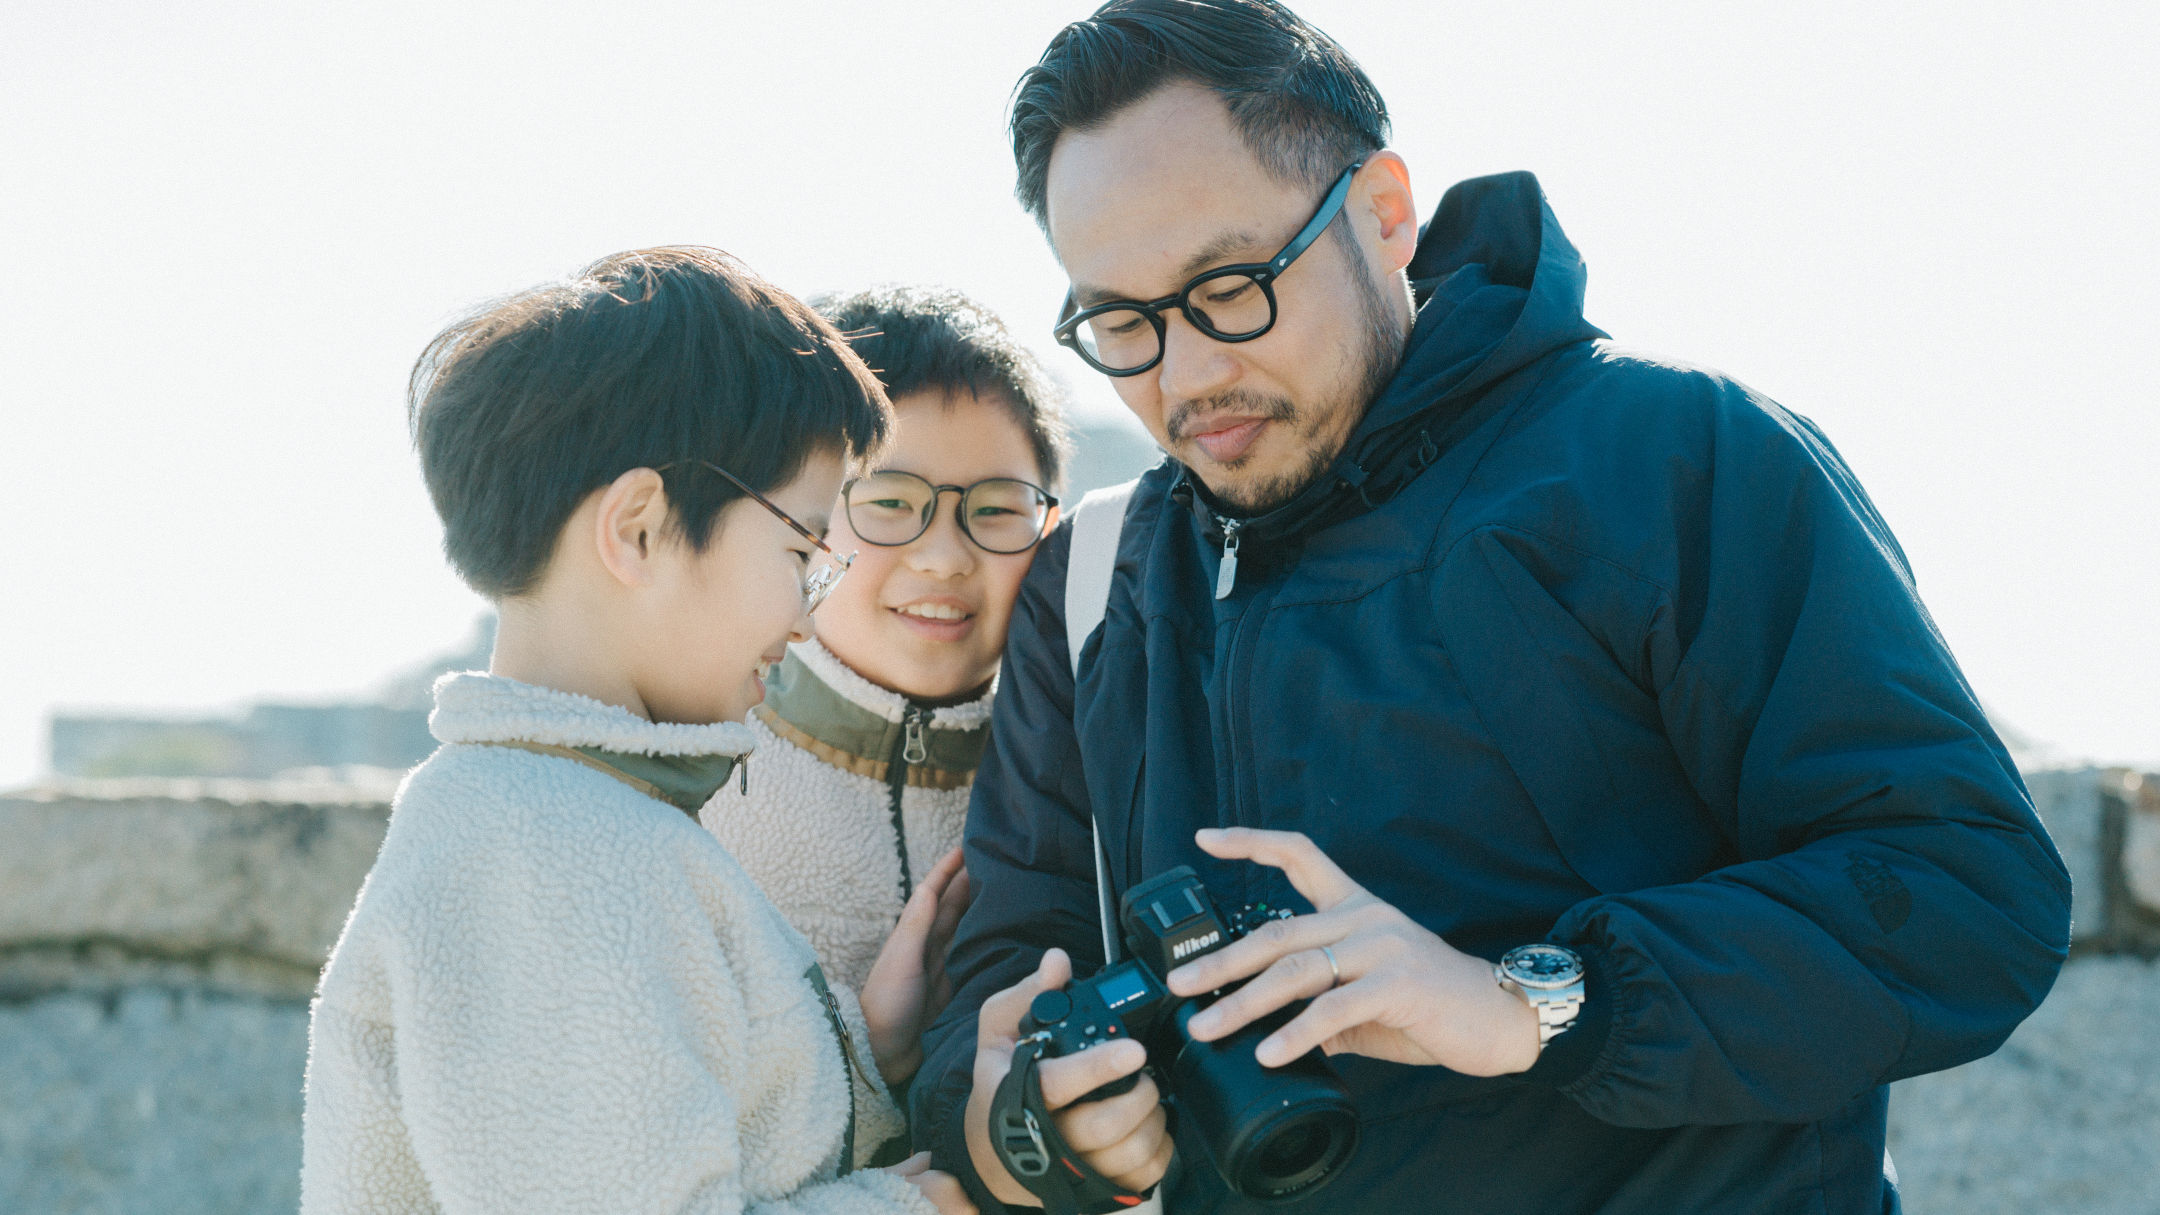 嵐田大志インタビュー - SNS映えではなく、心のときめきやざわつきを大切に